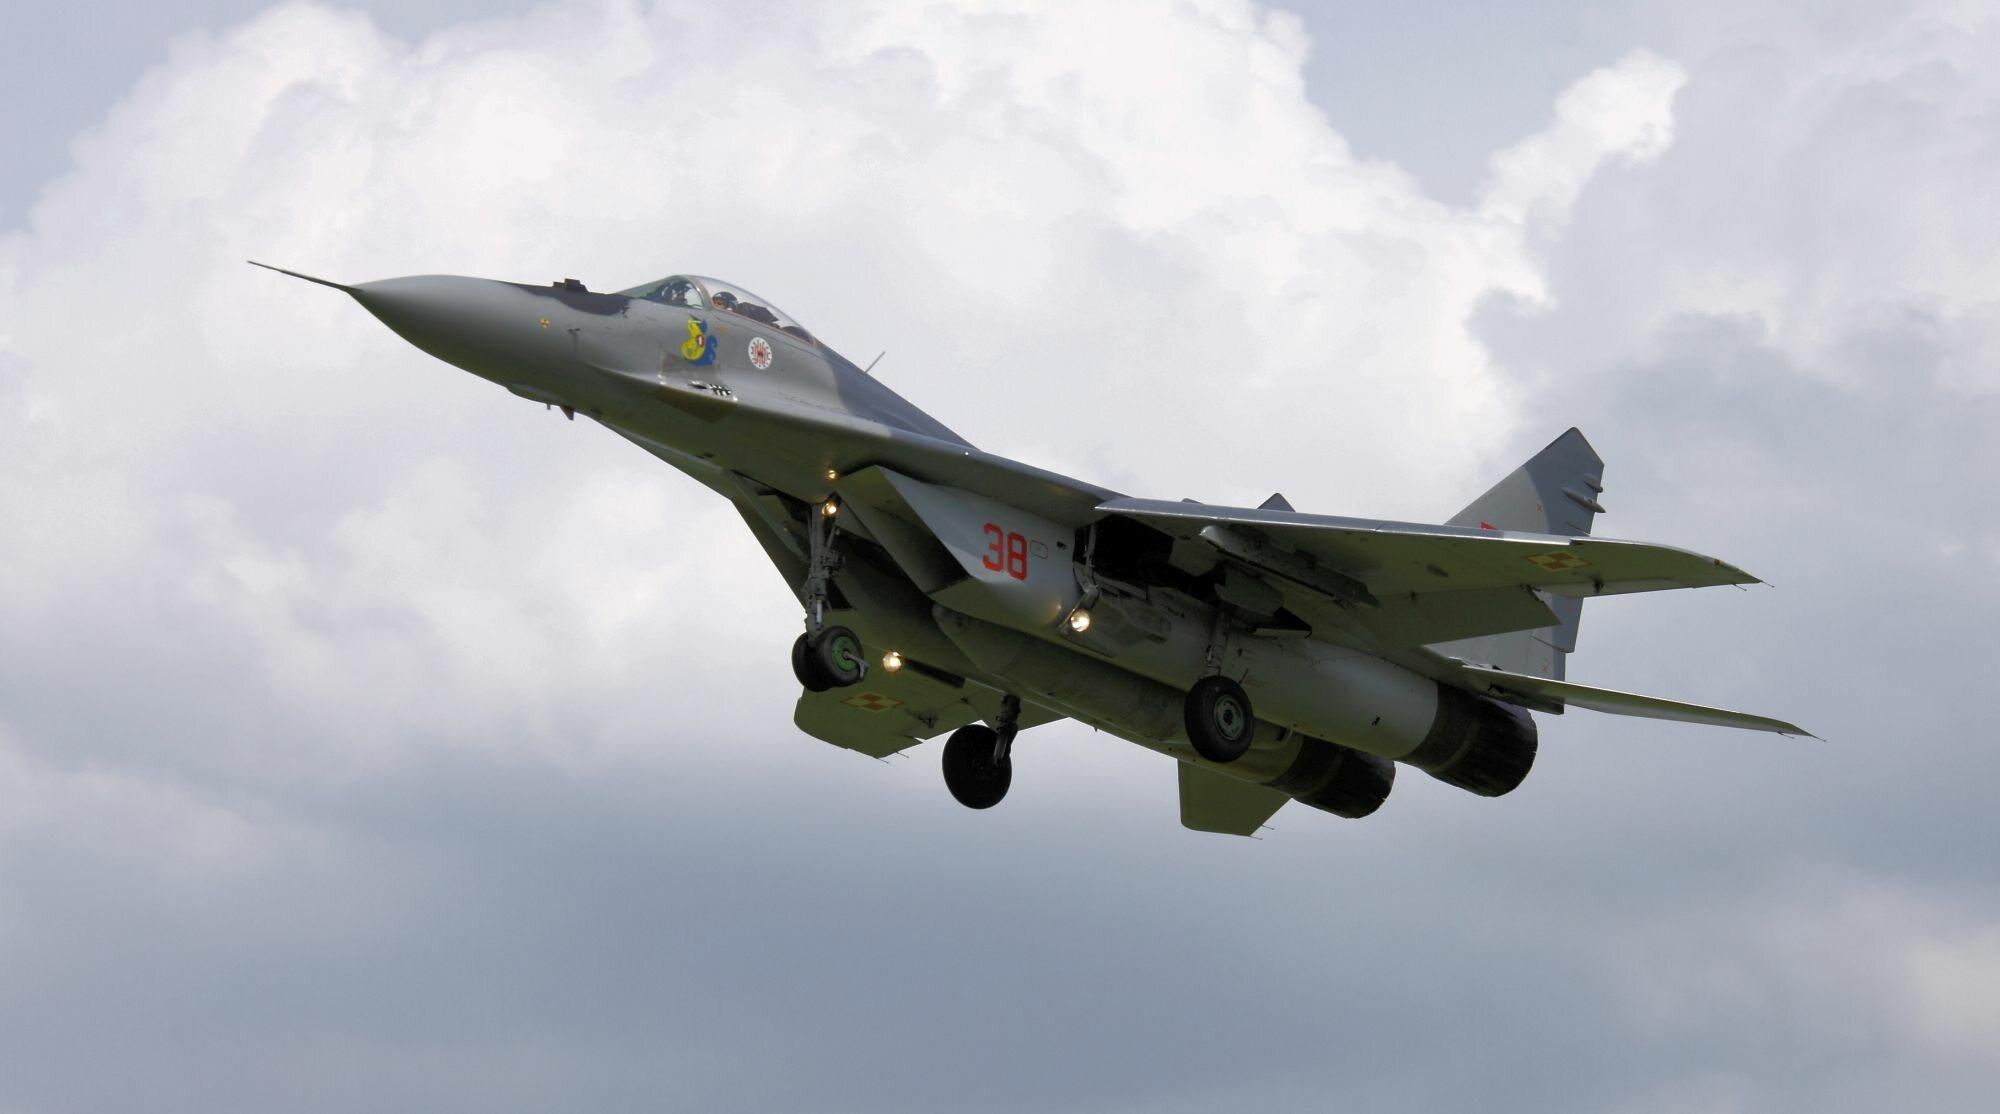 Polski MiG-29 nr 38 z 23 Bazy Lotnictwa Taktycznego w Mińsku Mazowieckim, zdjęcie ilustracyjne